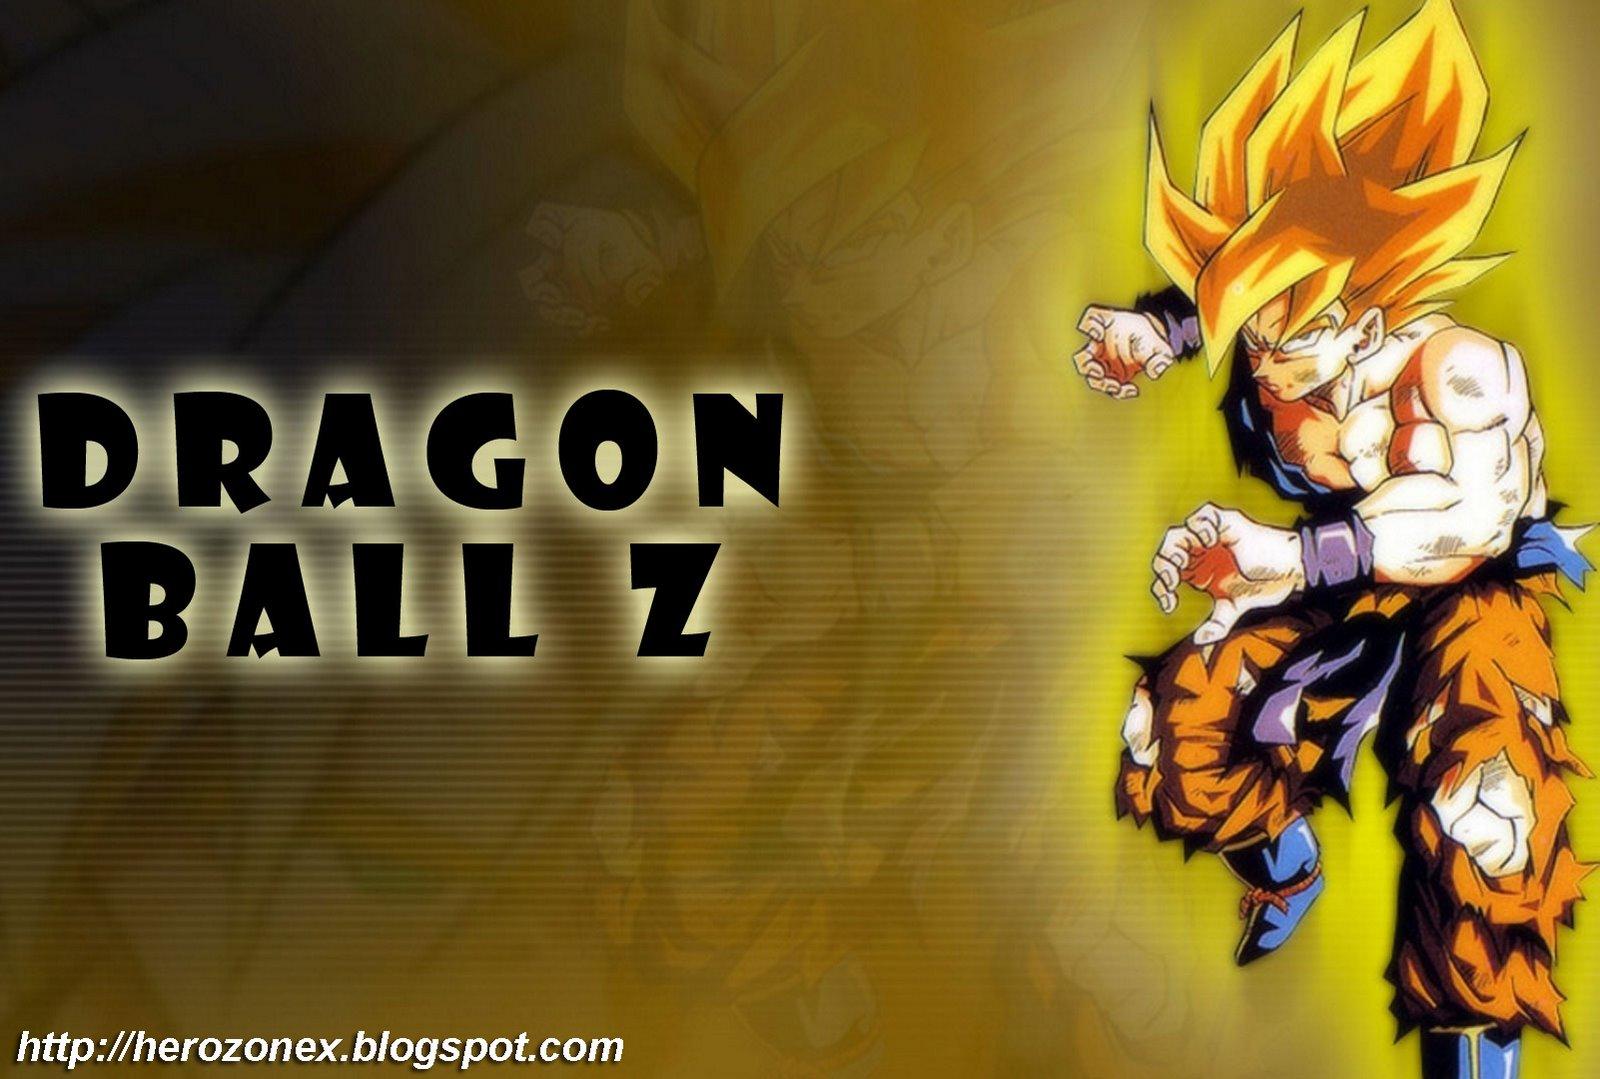 Pictures Dragonball Z Son Goku Ssj5 Lilz Eu Tattoo De - Ajilbab.Com